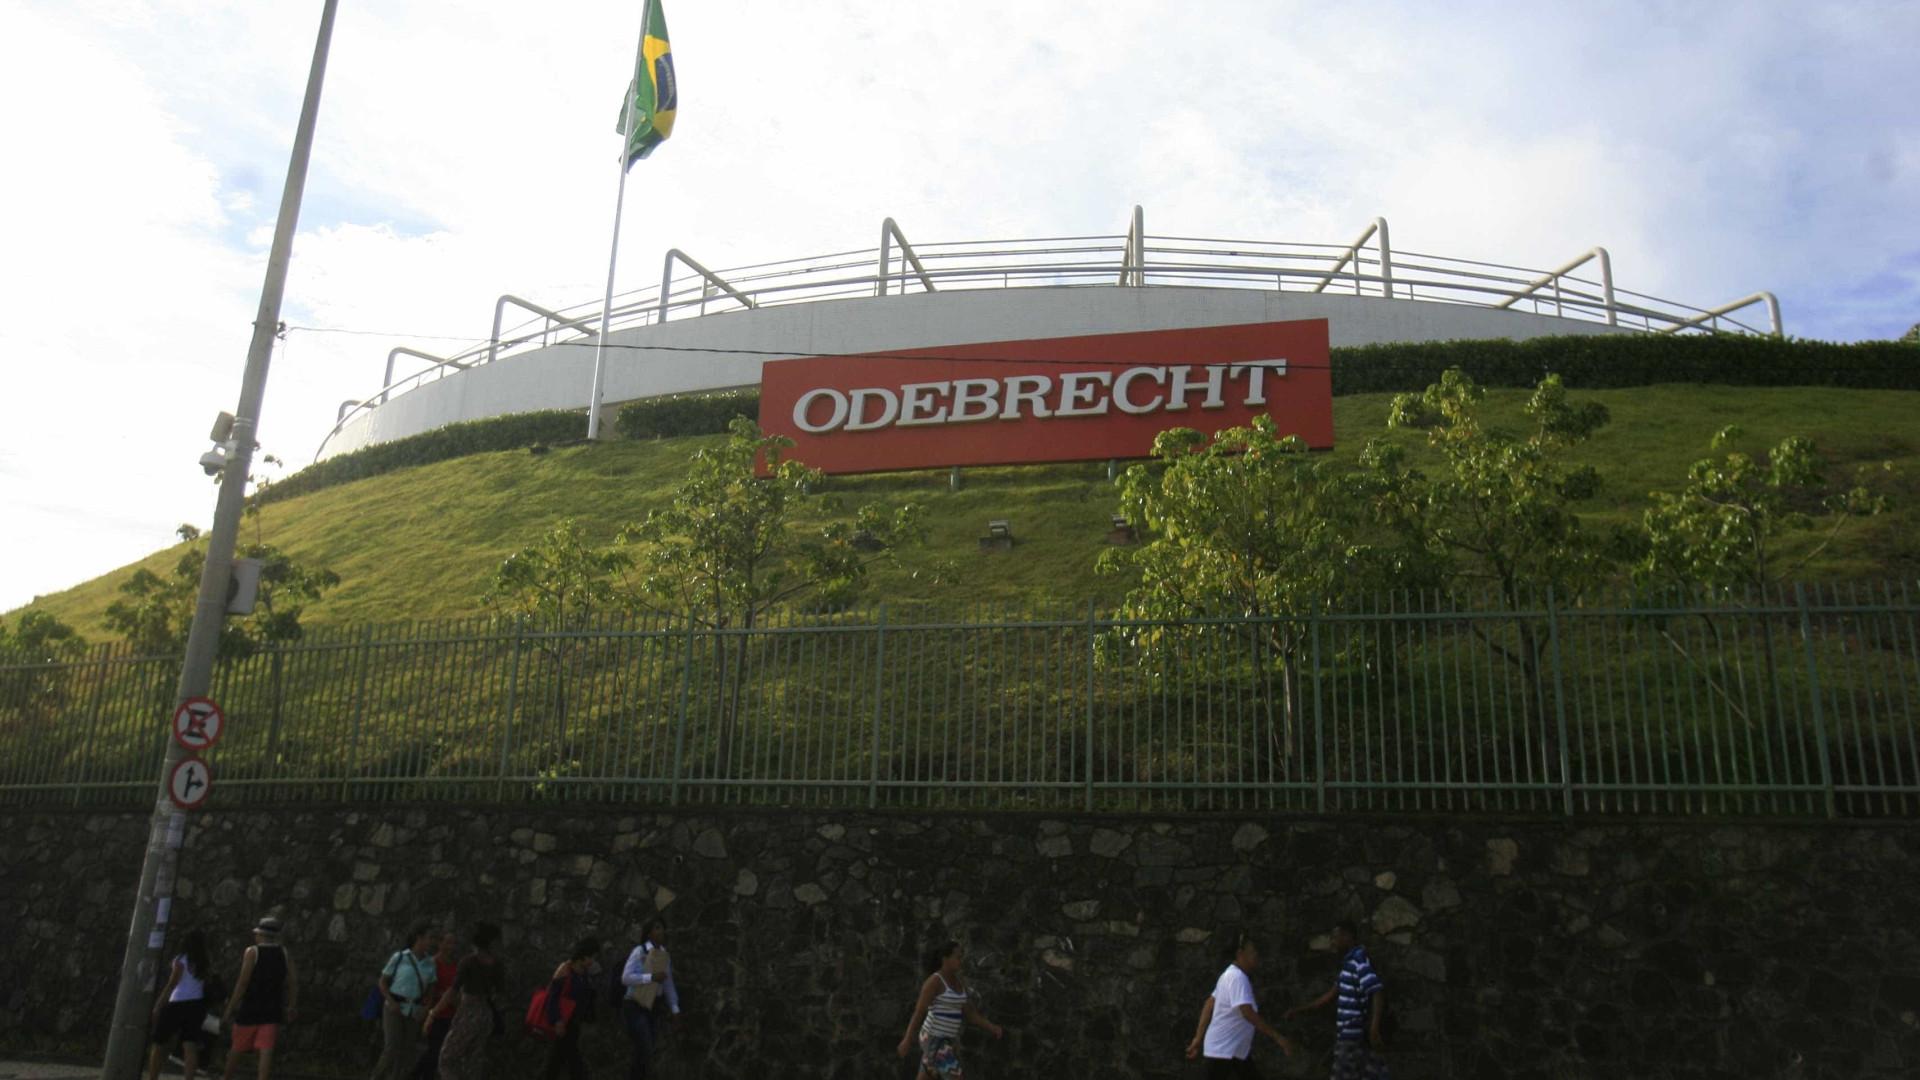 Odebrecht confirma acordo de leniência com Panamá